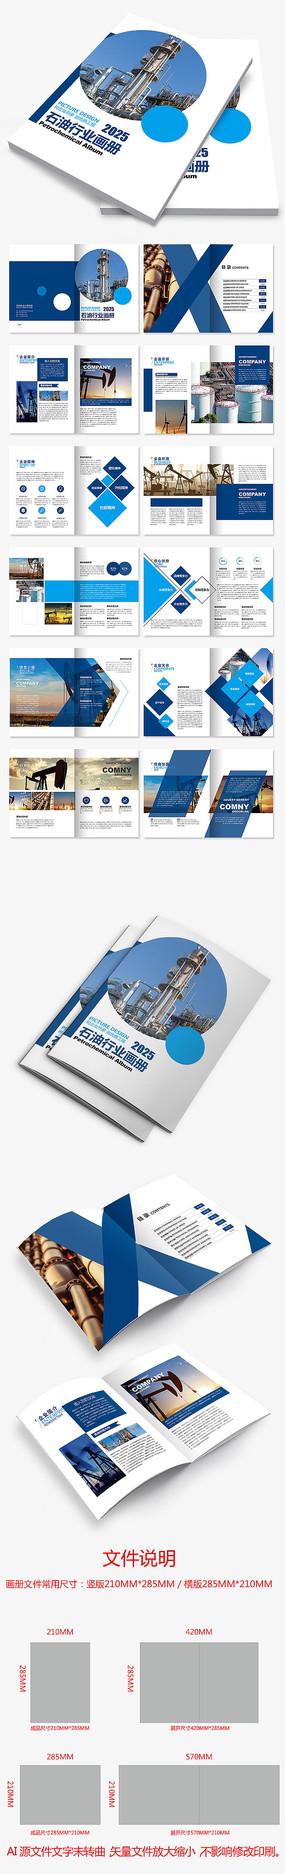 海上石头开采工业石油行业介绍画册